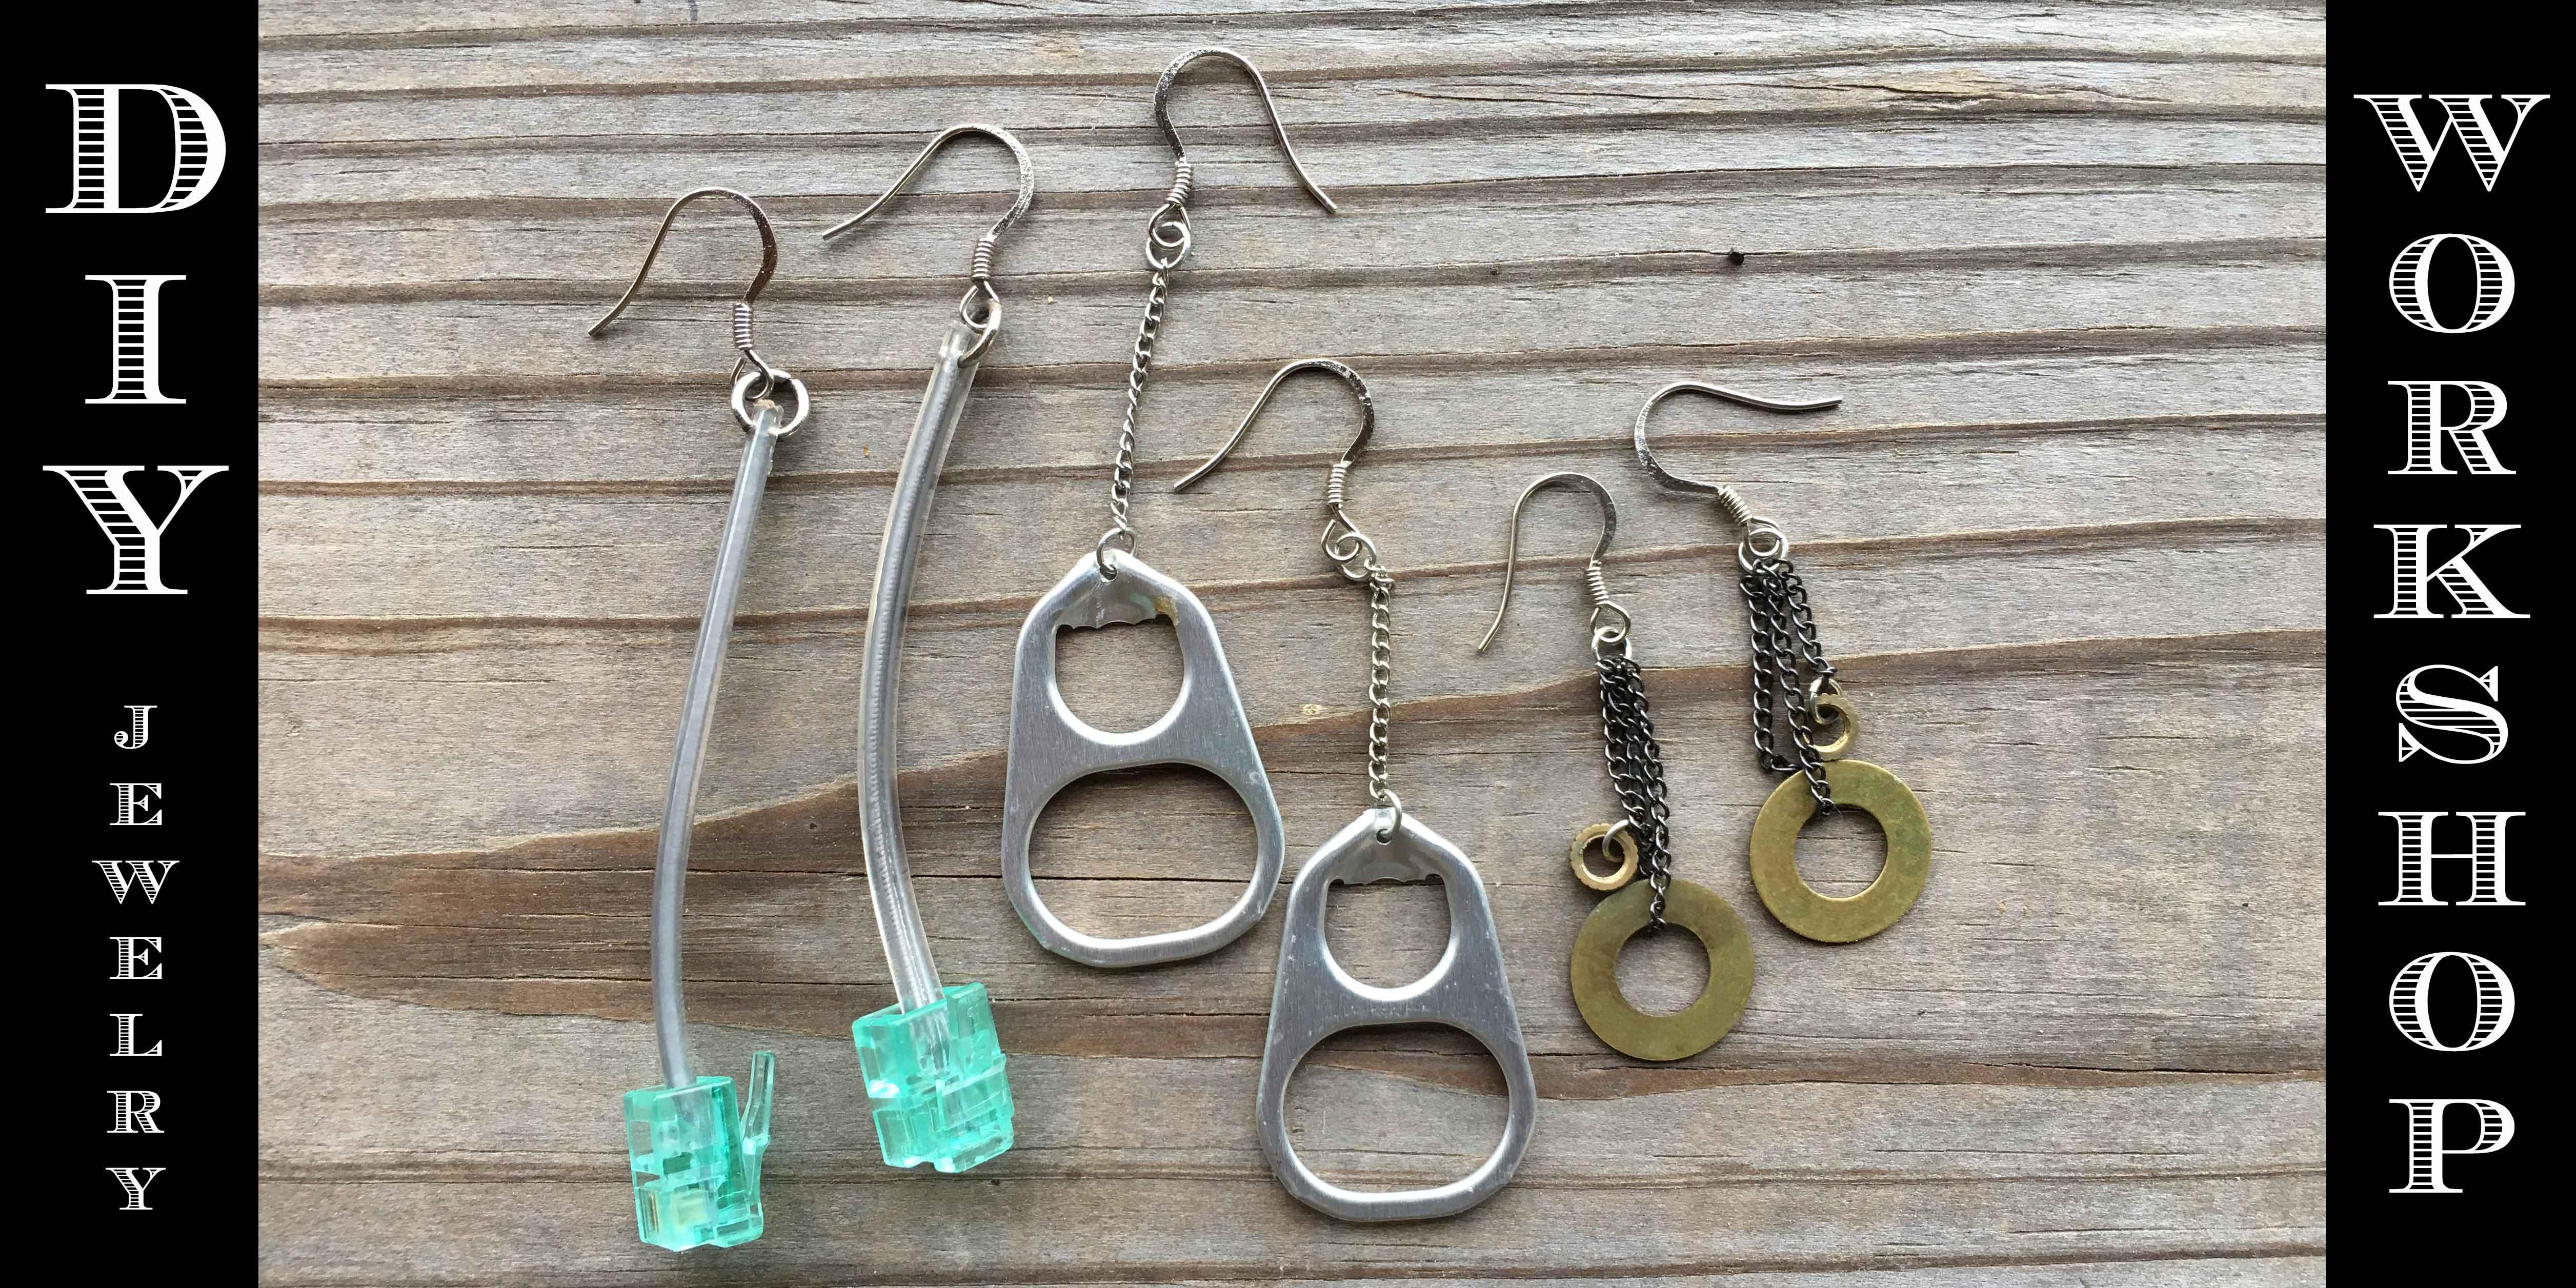 Jewelry workshop tb2